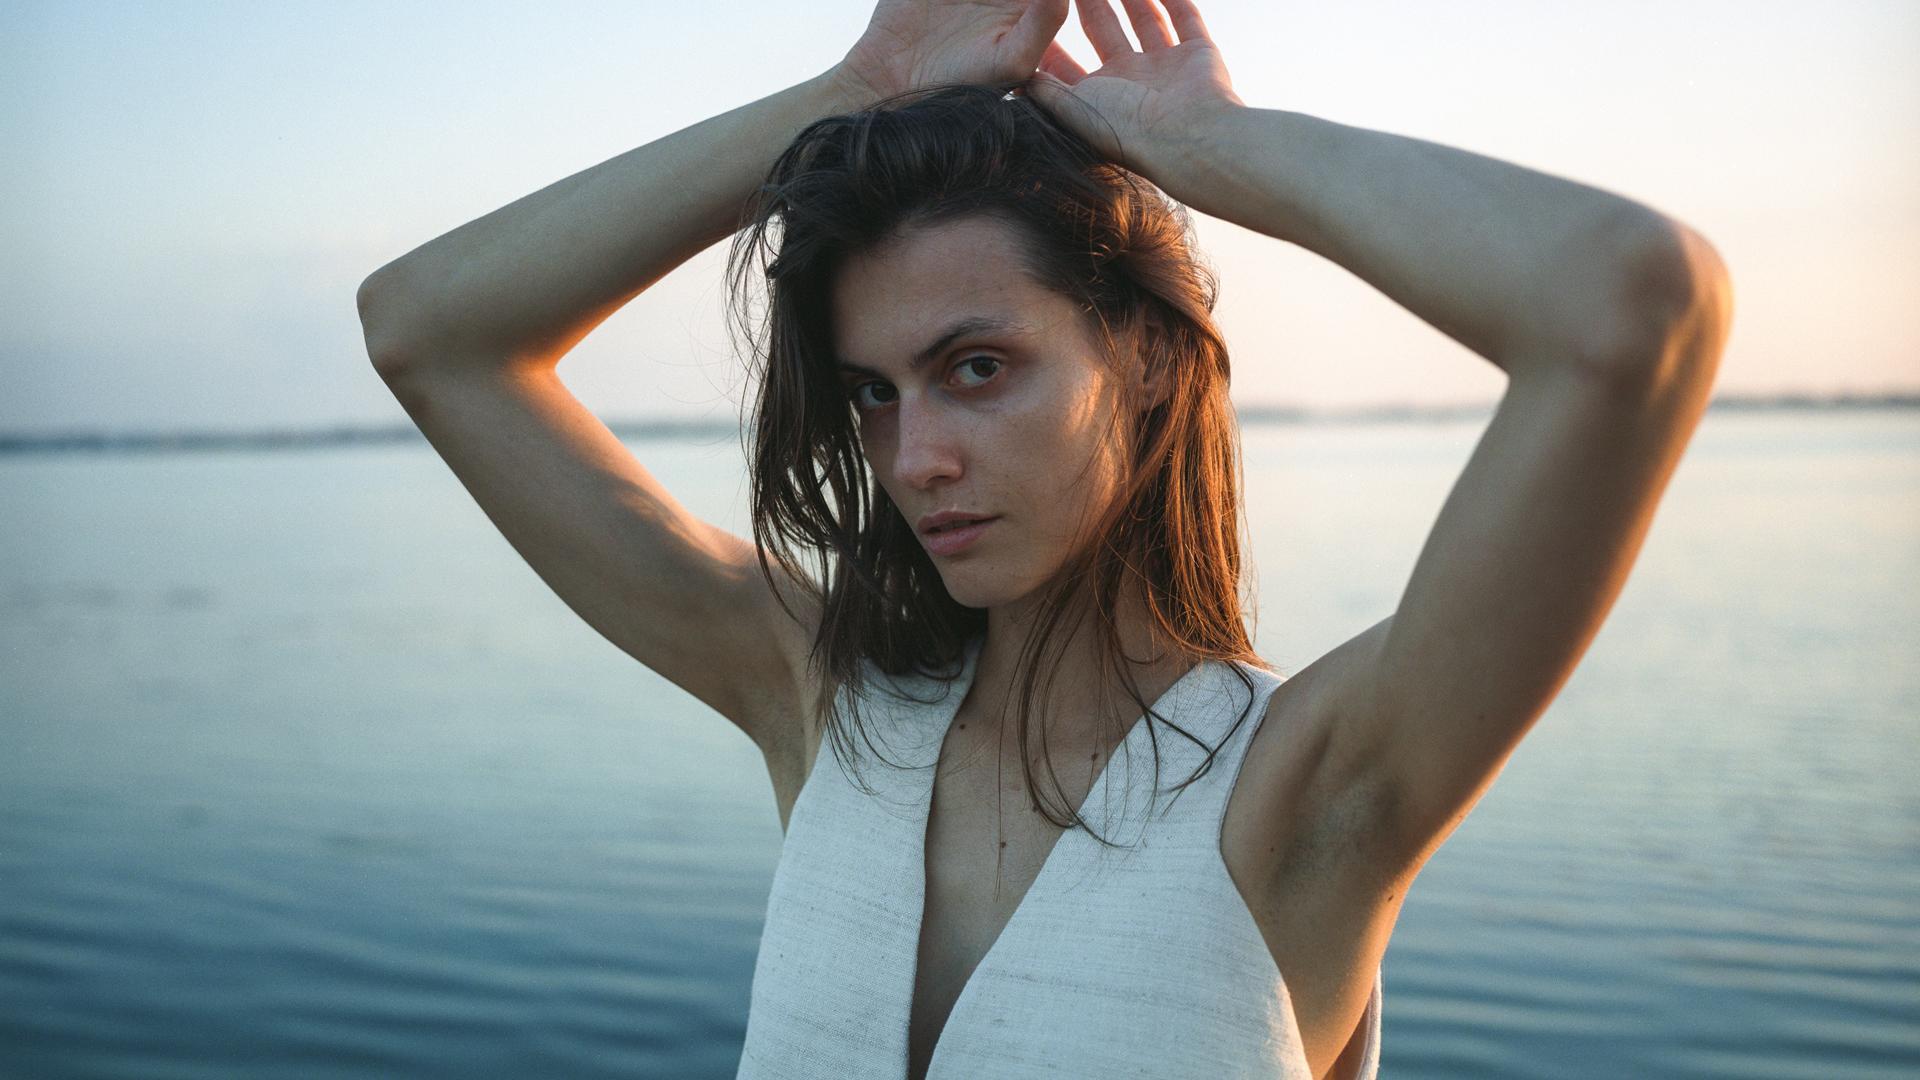 Kristína Šipulová